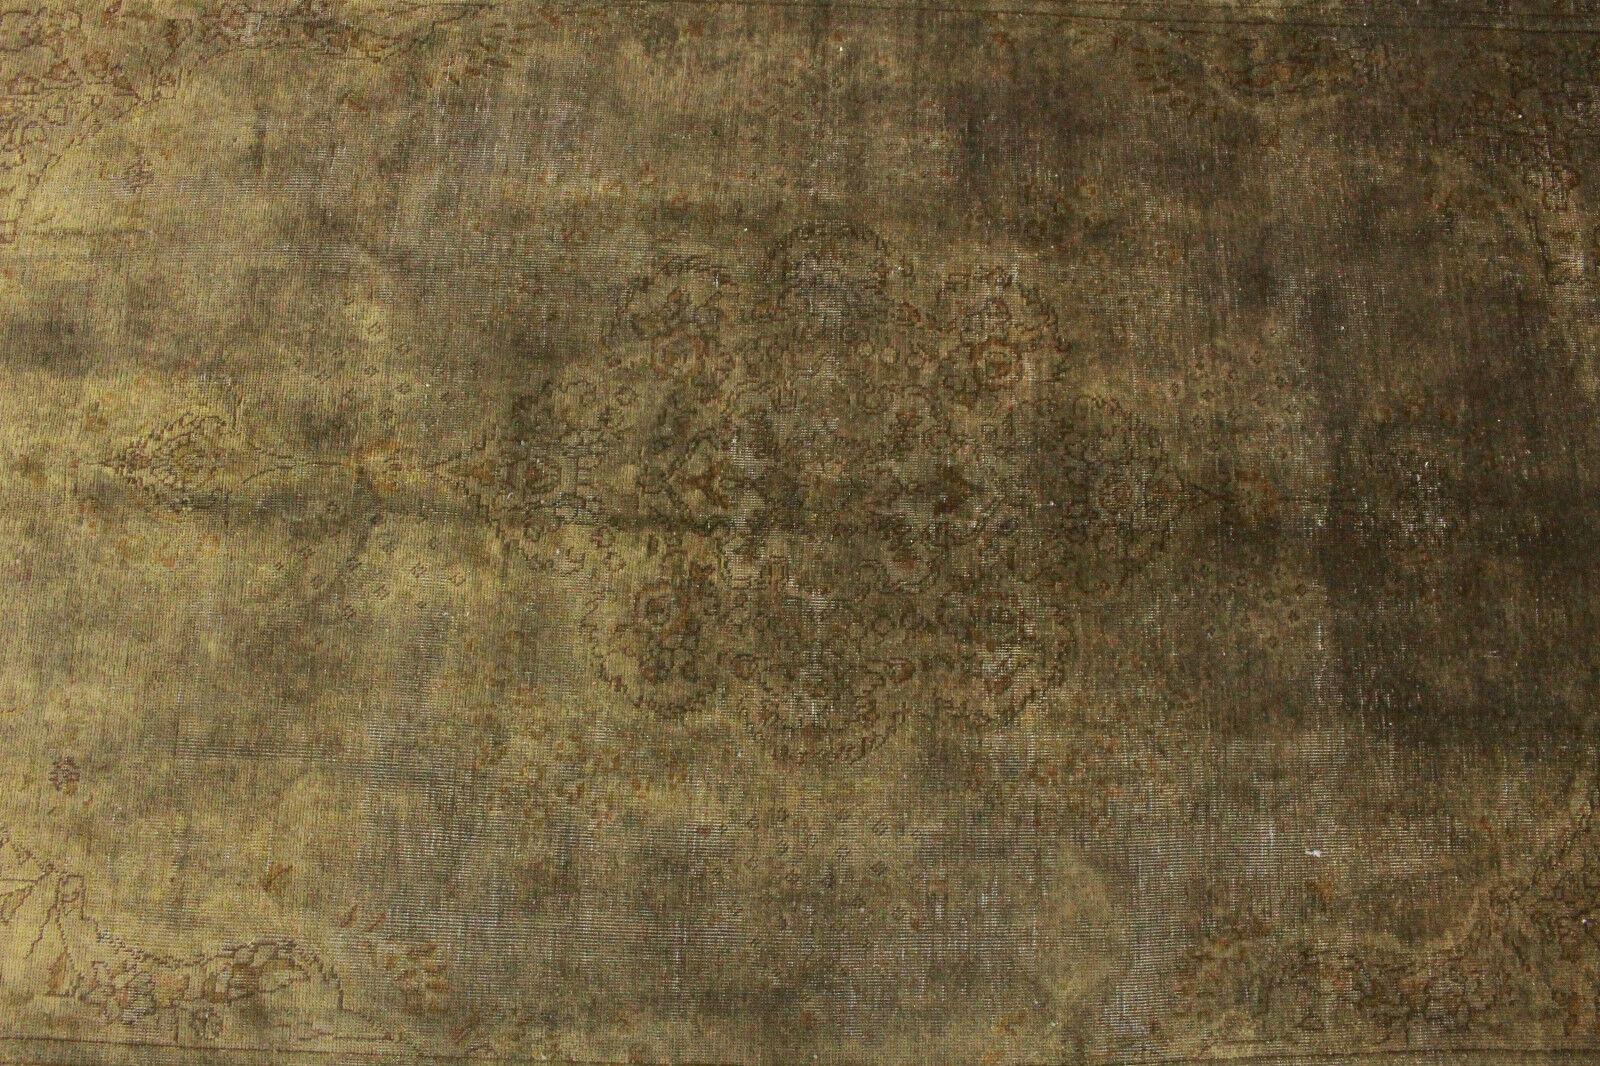 Orient Orient Orient Teppich Vintage modern schlamm Used Look 310x190 Carpet handgeknüpft 3519 c2a040